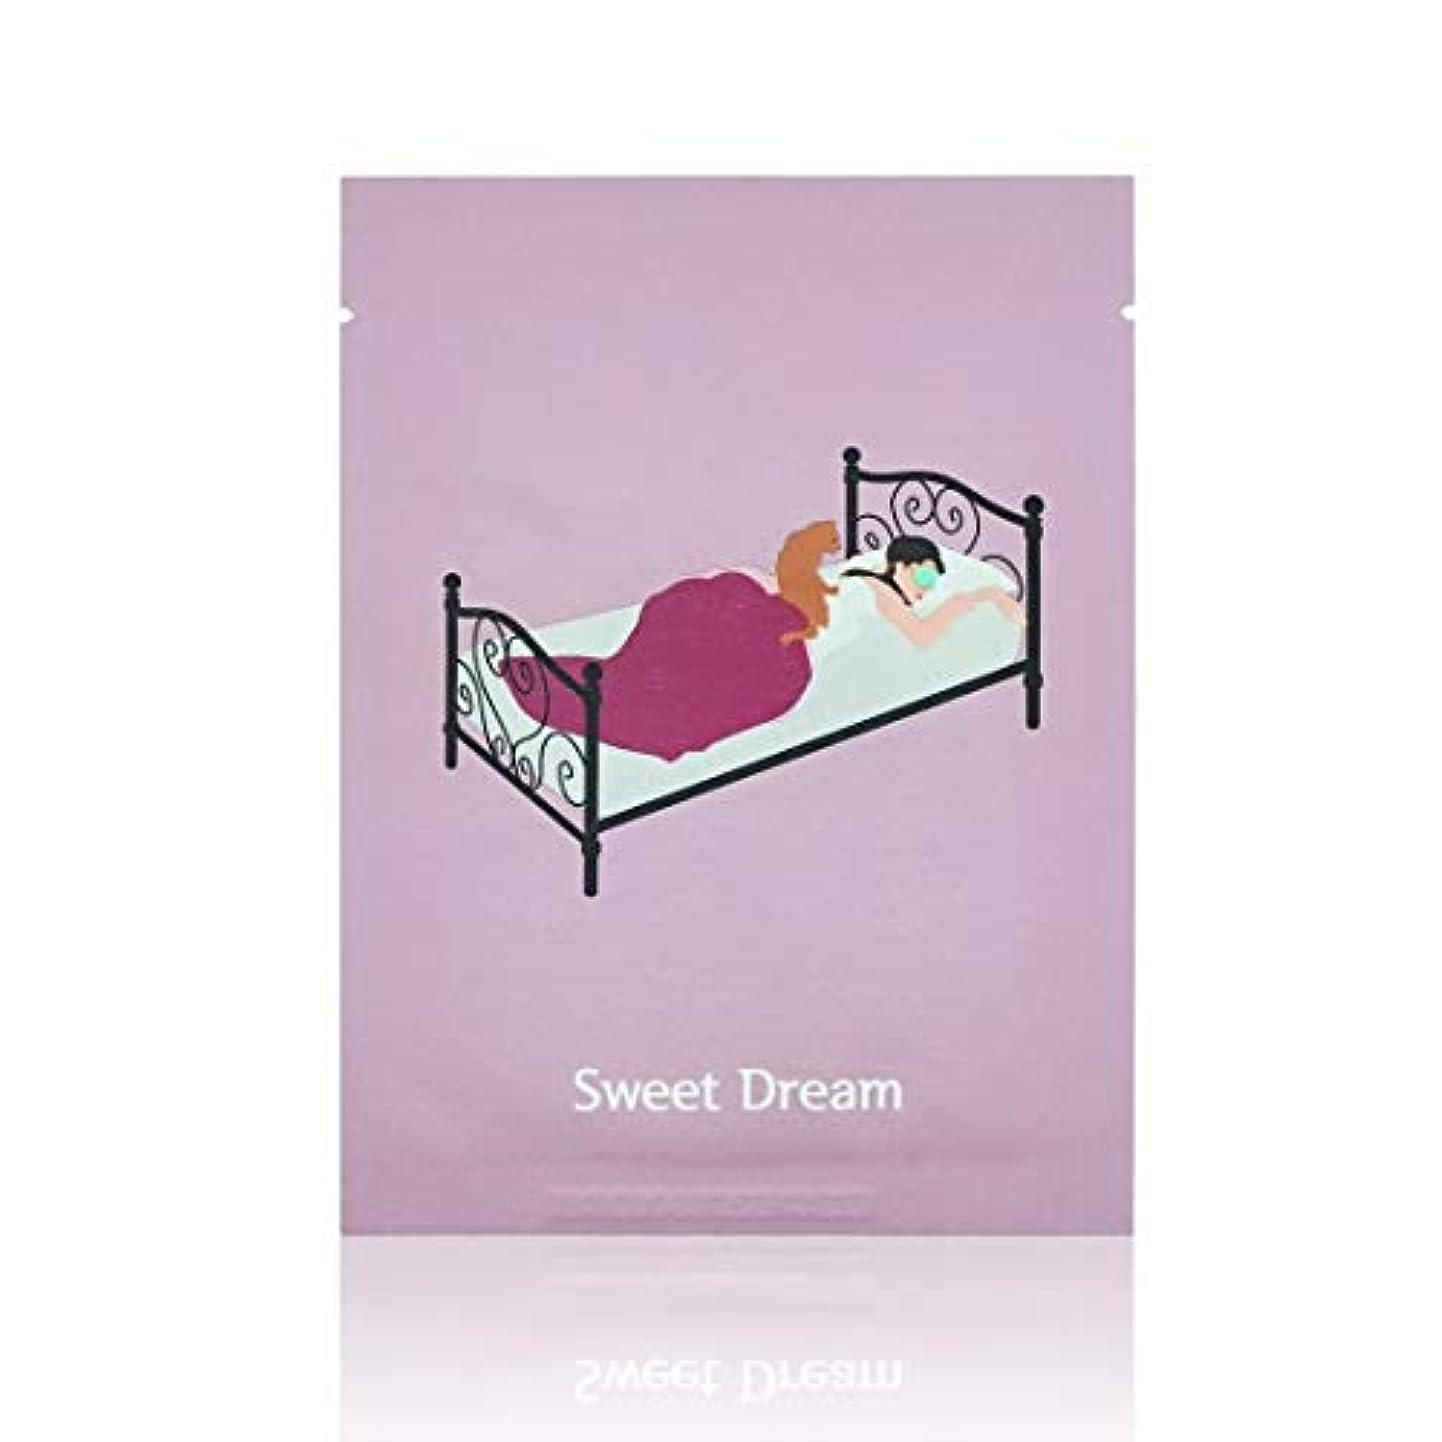 ナイトスポット優雅ウェイド【PACKAGE】Sweet Dream Deep Sleeping Mask 10ea スリーピング マスク パック (10枚入り) 韓国 美白 セット 顔 保湿 モイスト ランキング シート 毎日 おすすめ